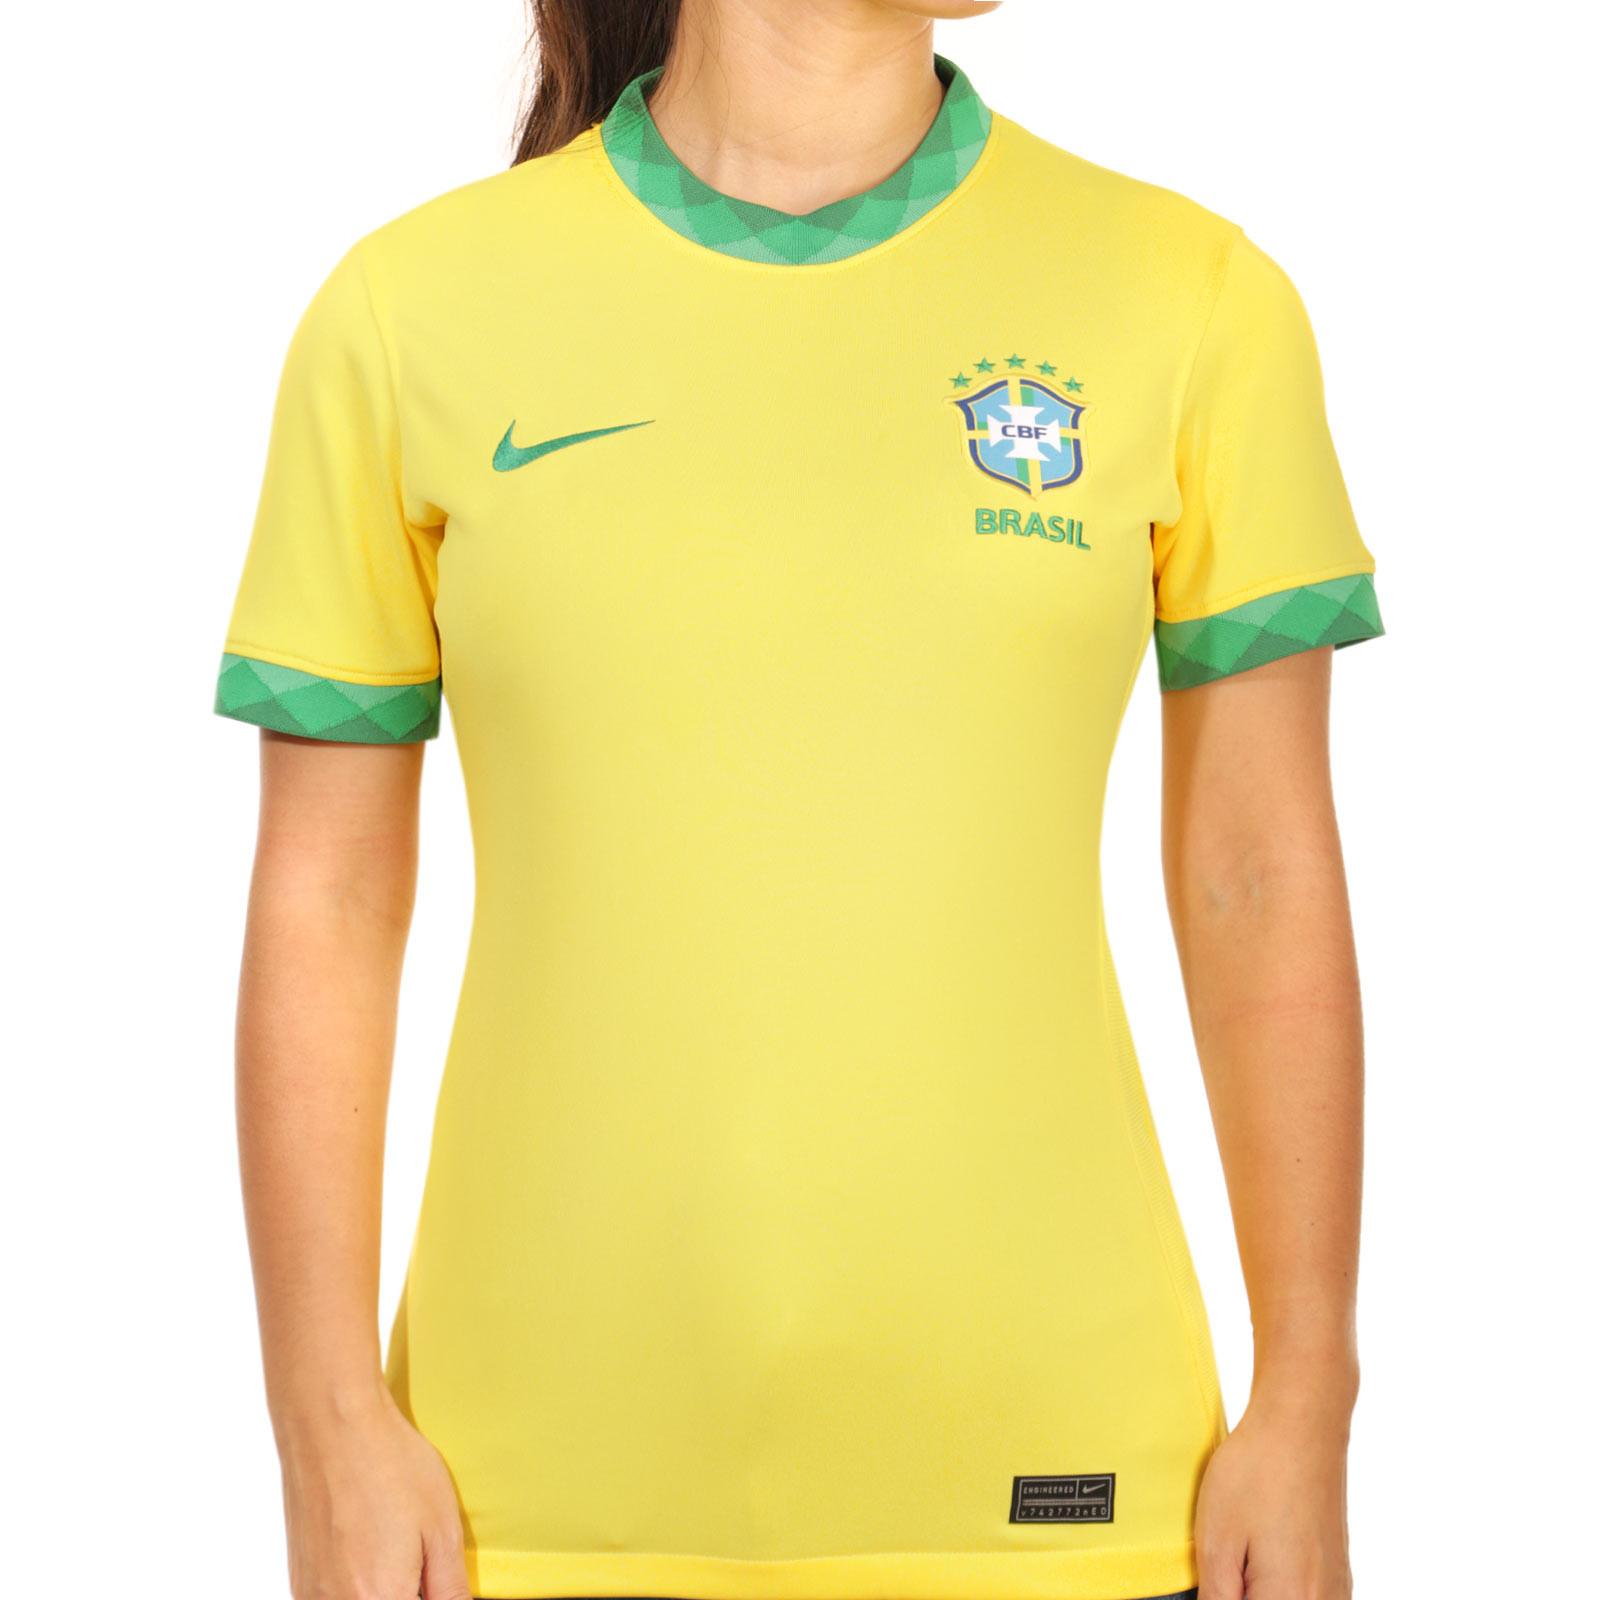 Contra la voluntad Geografía Situación  Camiseta Nike Brasil mujer 2020 Stadium amarilla | futbolmania